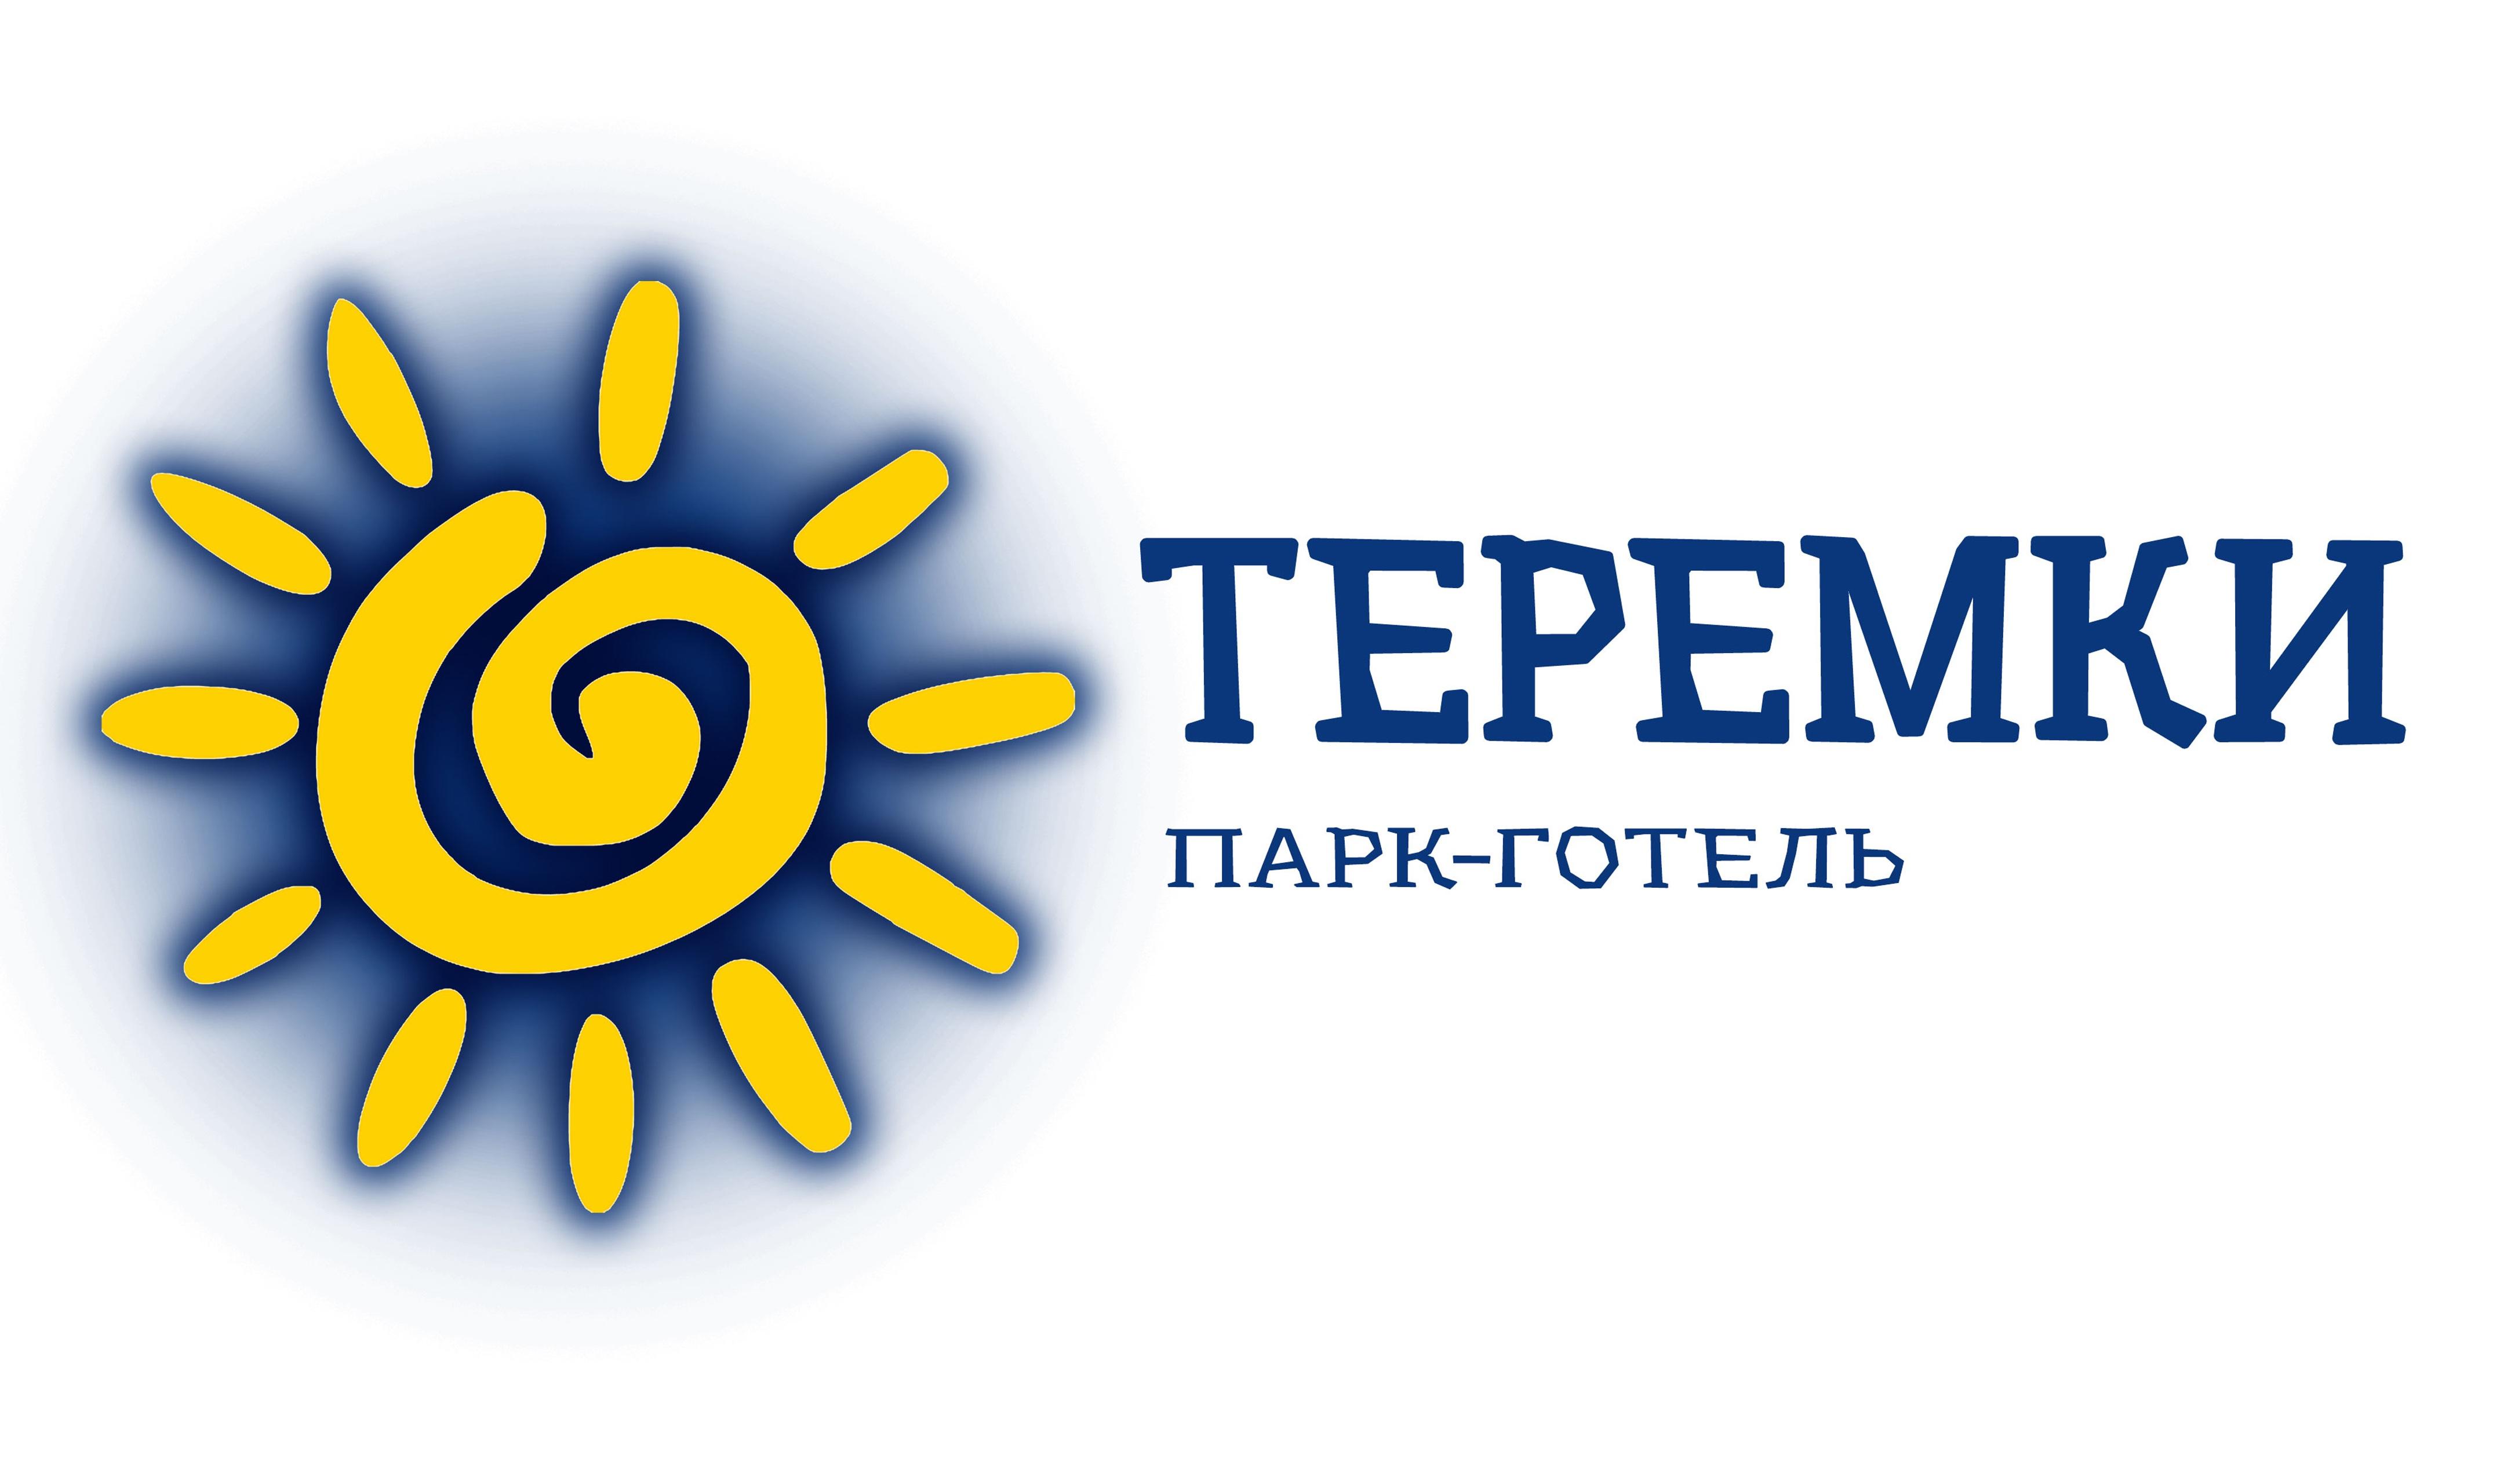 Парк-готель Теремки